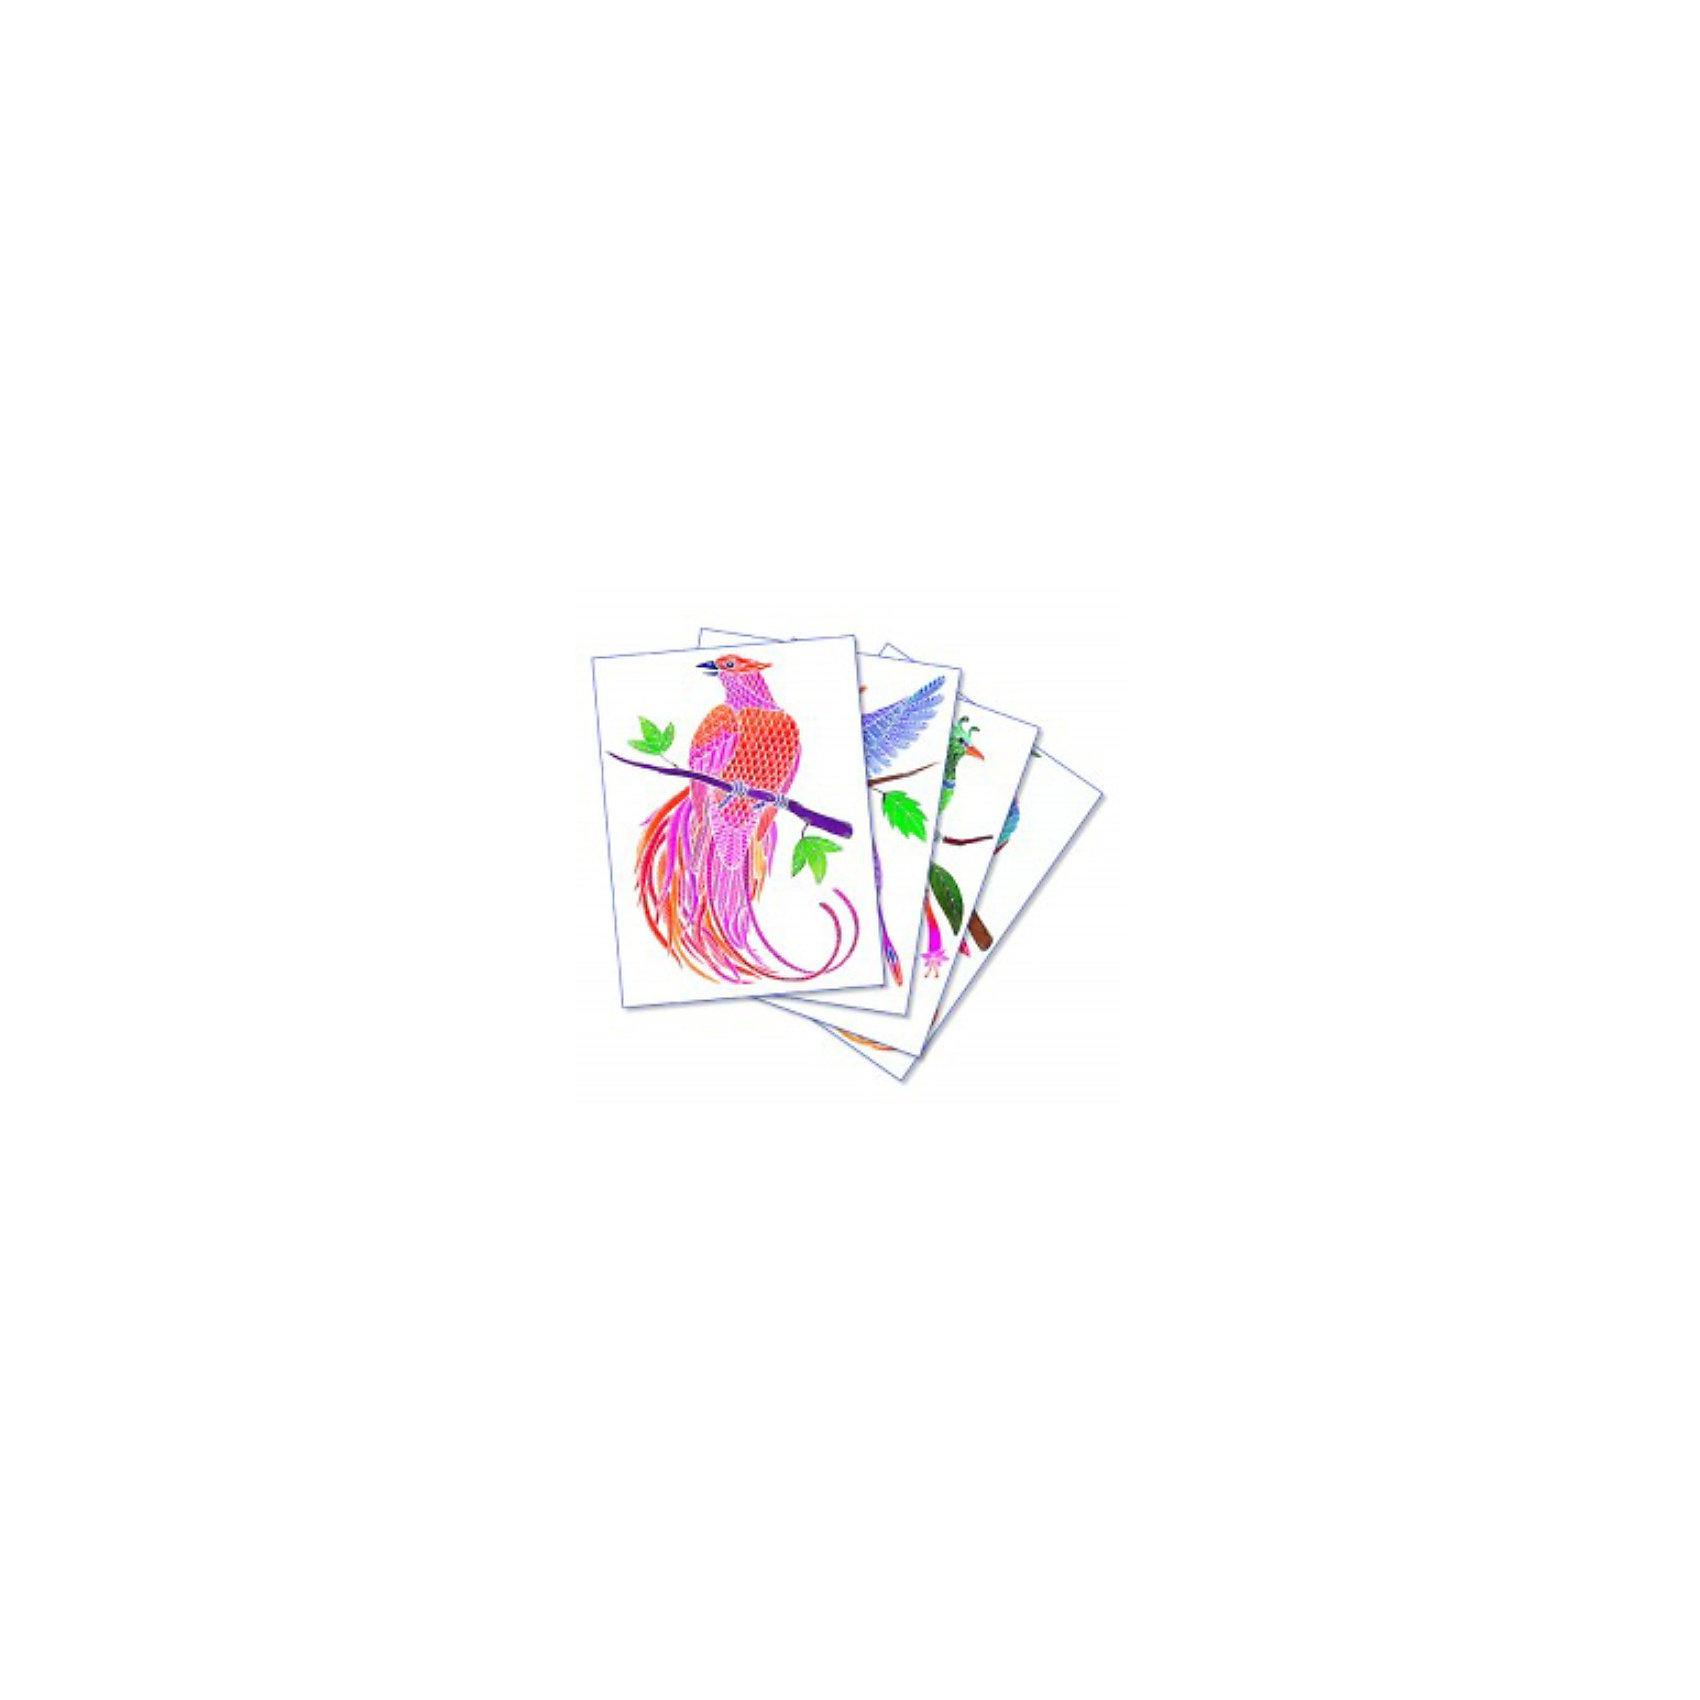 SentoSpherе 656 Акварельная раскраска Райские птицыВсего несколько капель красок и любой ребенок сможет создать настоящие произведения искусства. Акварель для детей основана на технике вставки в оправу тонкого пергамента. Эта техника позволяет картине приклеиться только на специальные поверхности: рисунок появляется по мере проведения кисточкой по бумаге. Картину можно перерисовывать несколько раз, чтобы получить самый красивый результат. Такая техника идеальна, чтобы научить детей составлению цветов. Кроме того, она развивает воображение, точность и внимание. 4 картины; 1 кисть очень высокого качества; 1 палитра для смешивания красок; 5 флаконов не токсичных акварельных красок; 1 пипетка для дозировки красок; 1 инструкция<br><br>Ширина мм: 195<br>Глубина мм: 30<br>Высота мм: 265<br>Вес г: 275<br>Возраст от месяцев: 36<br>Возраст до месяцев: 2147483647<br>Пол: Унисекс<br>Возраст: Детский<br>SKU: 2176757